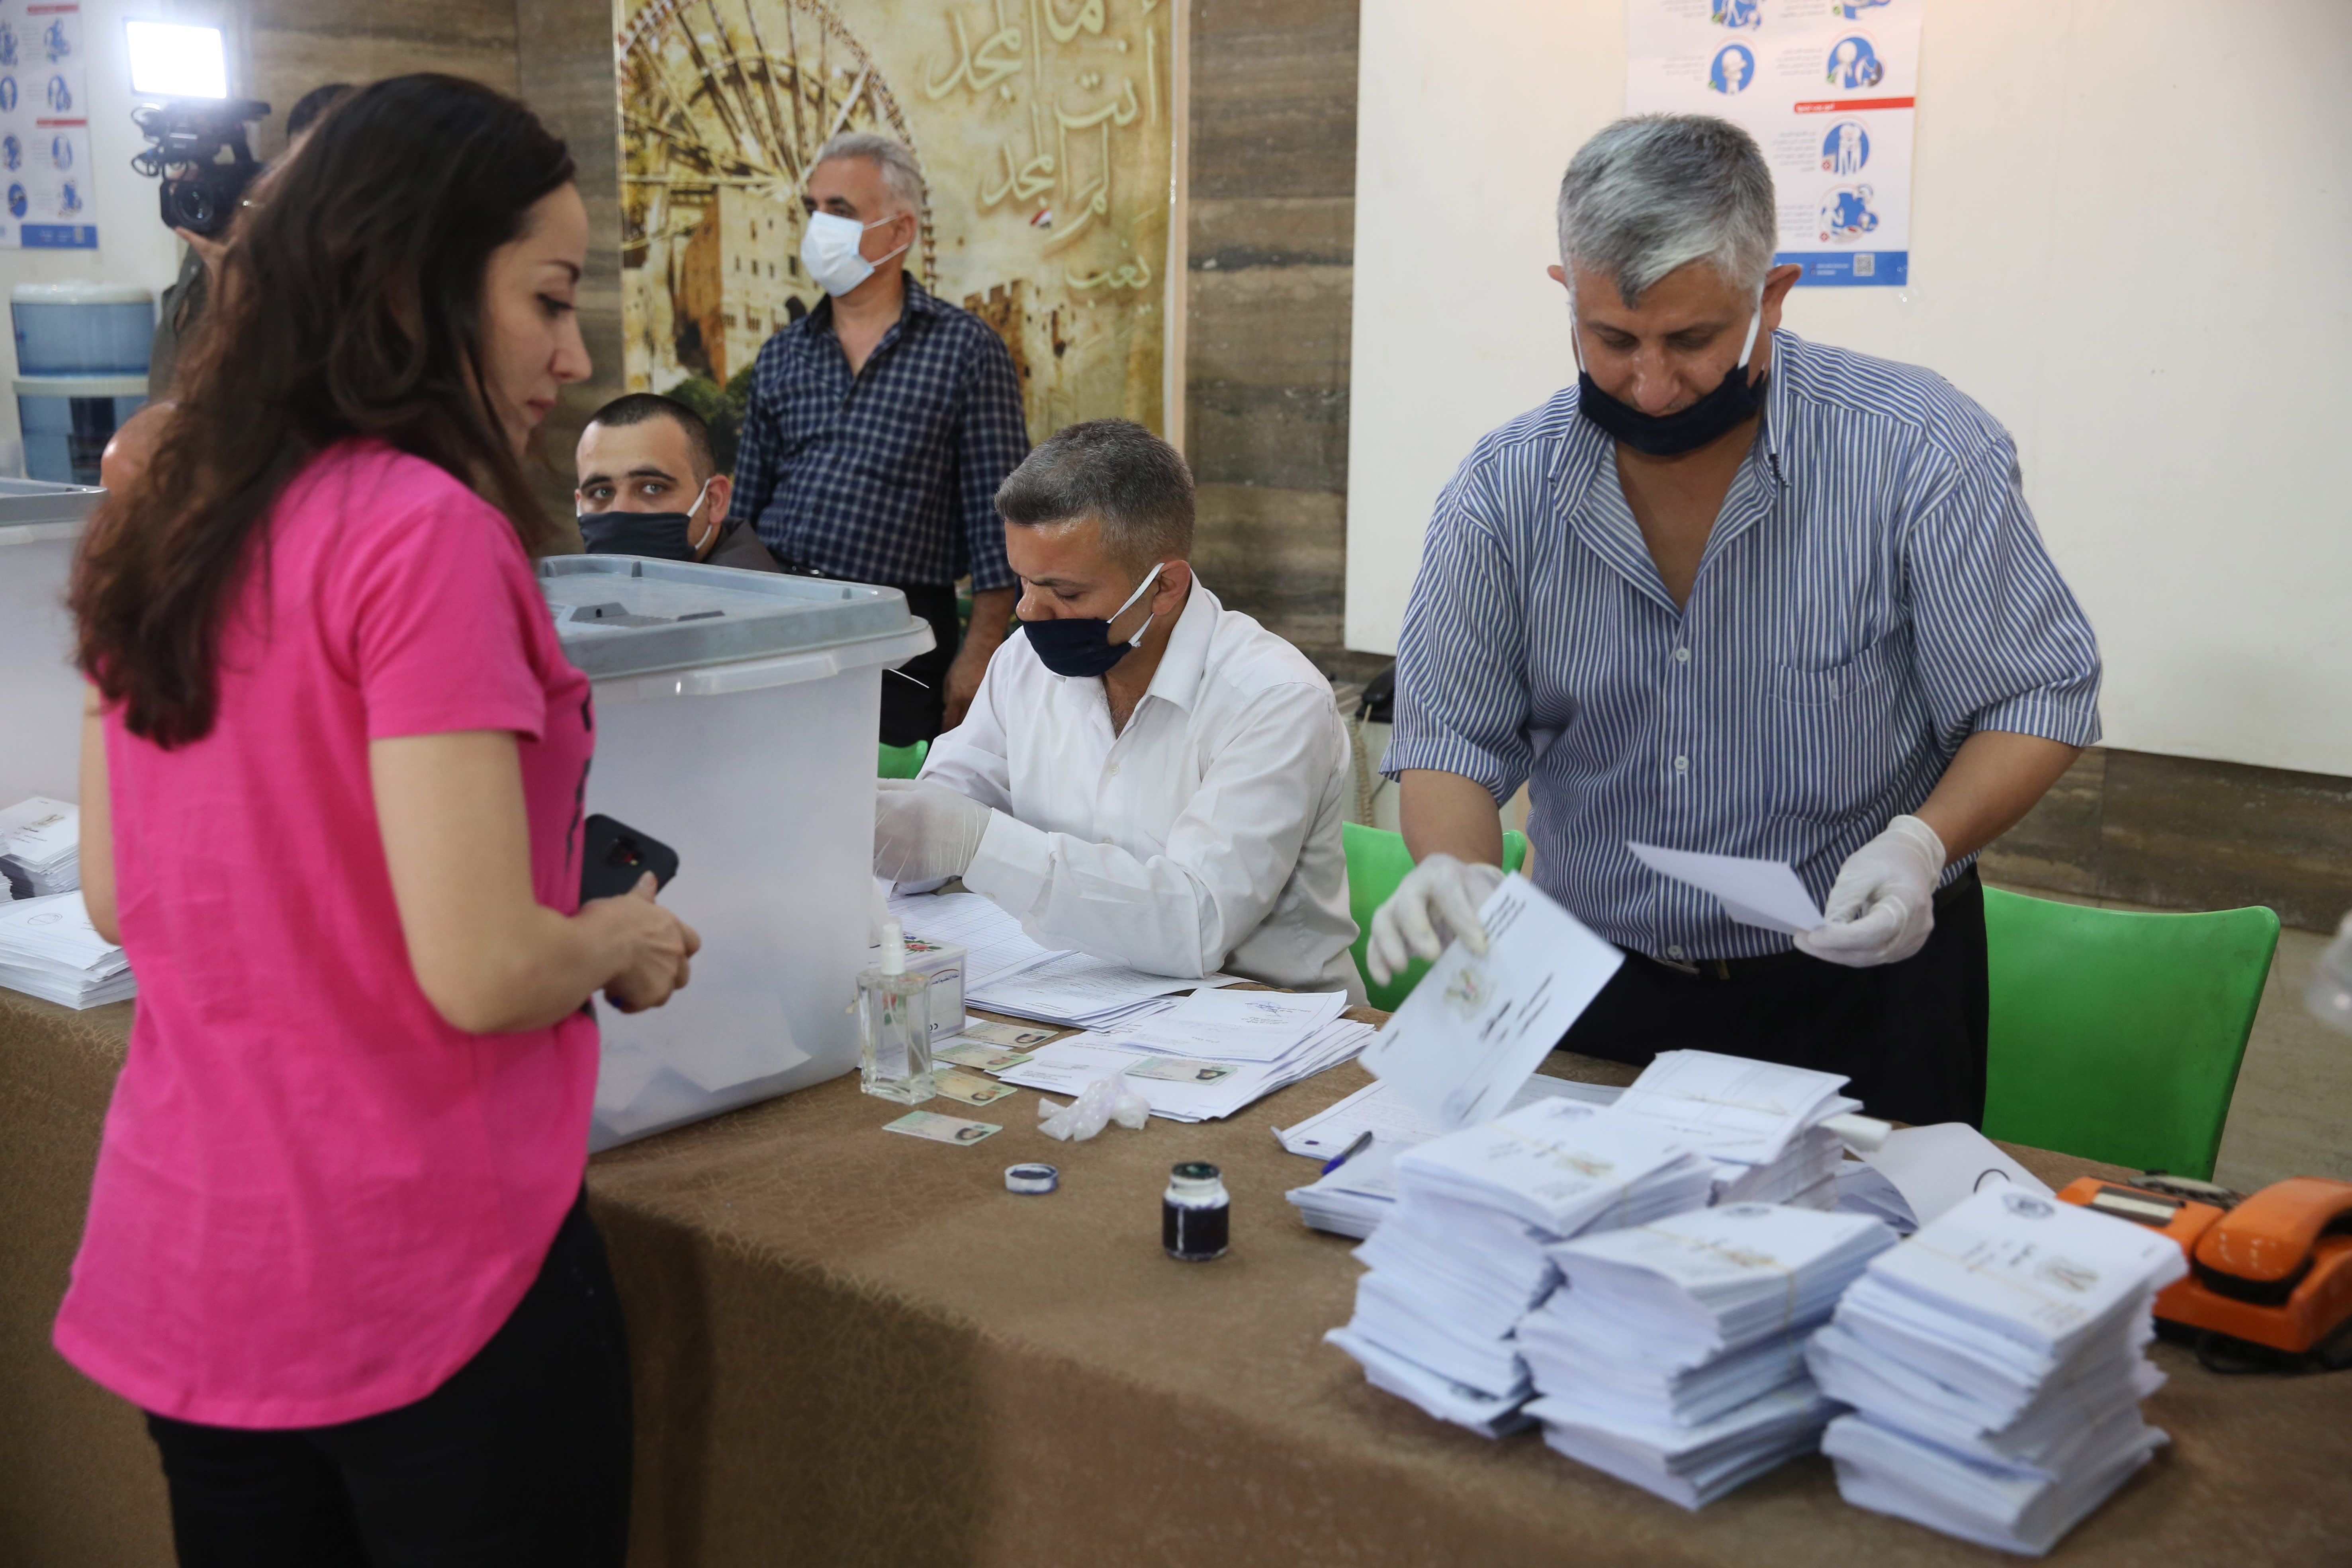 Nainen seisoo pöydän edessä, toisella puolella kasvomaskilla suojautunut vaalivirkailija nostelee äänestyslipukkeita